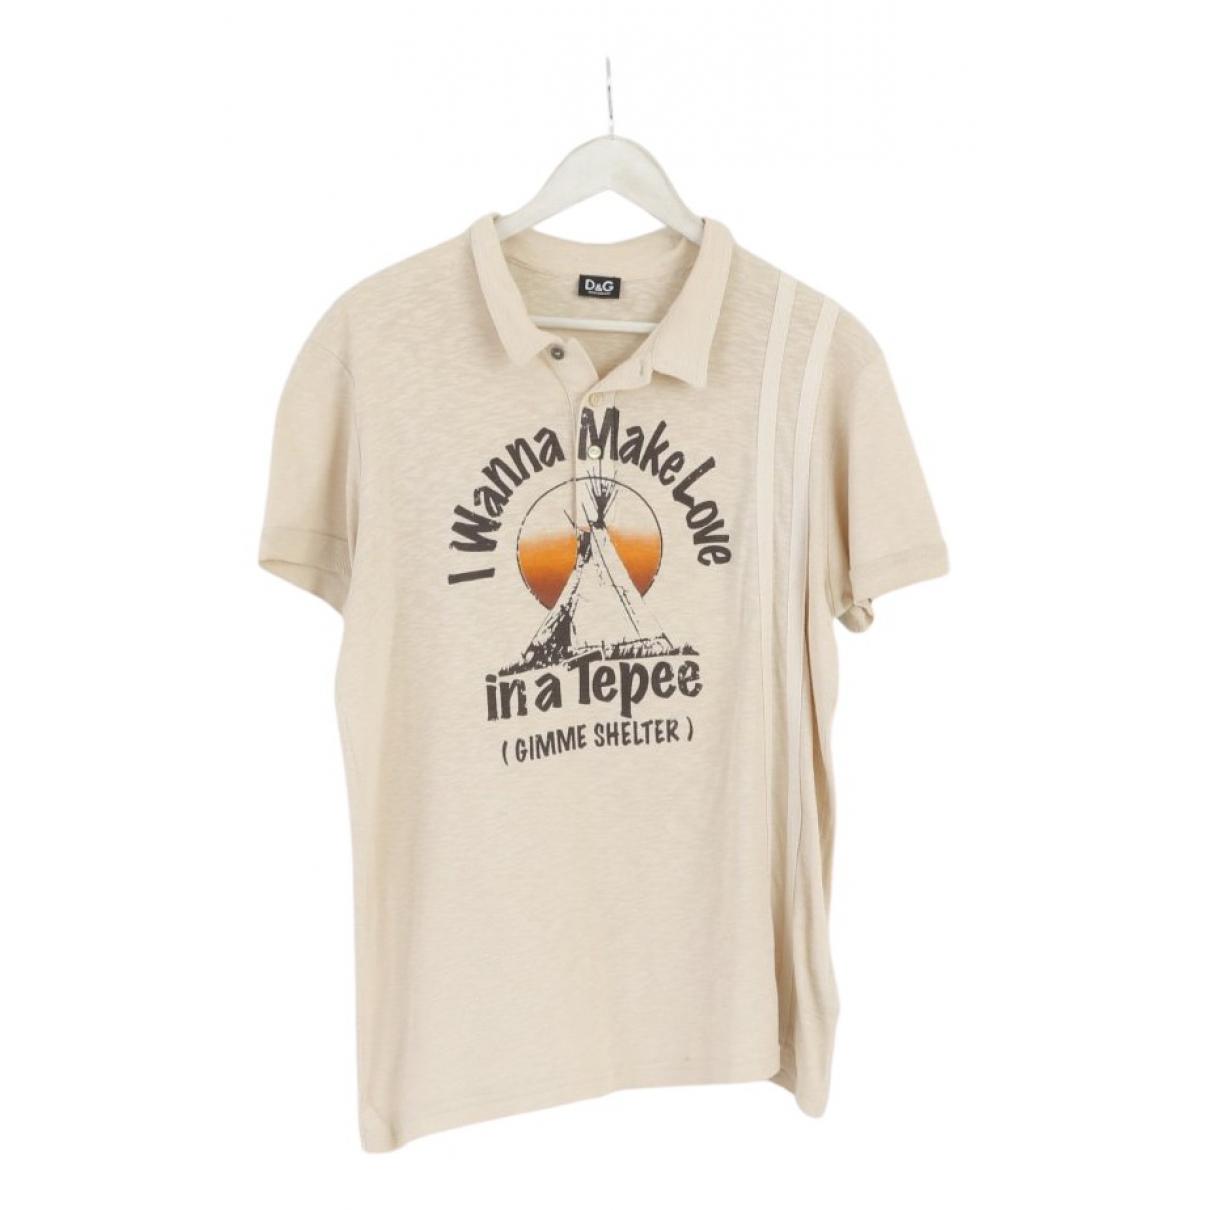 D&g \N Poloshirts in  Beige Baumwolle